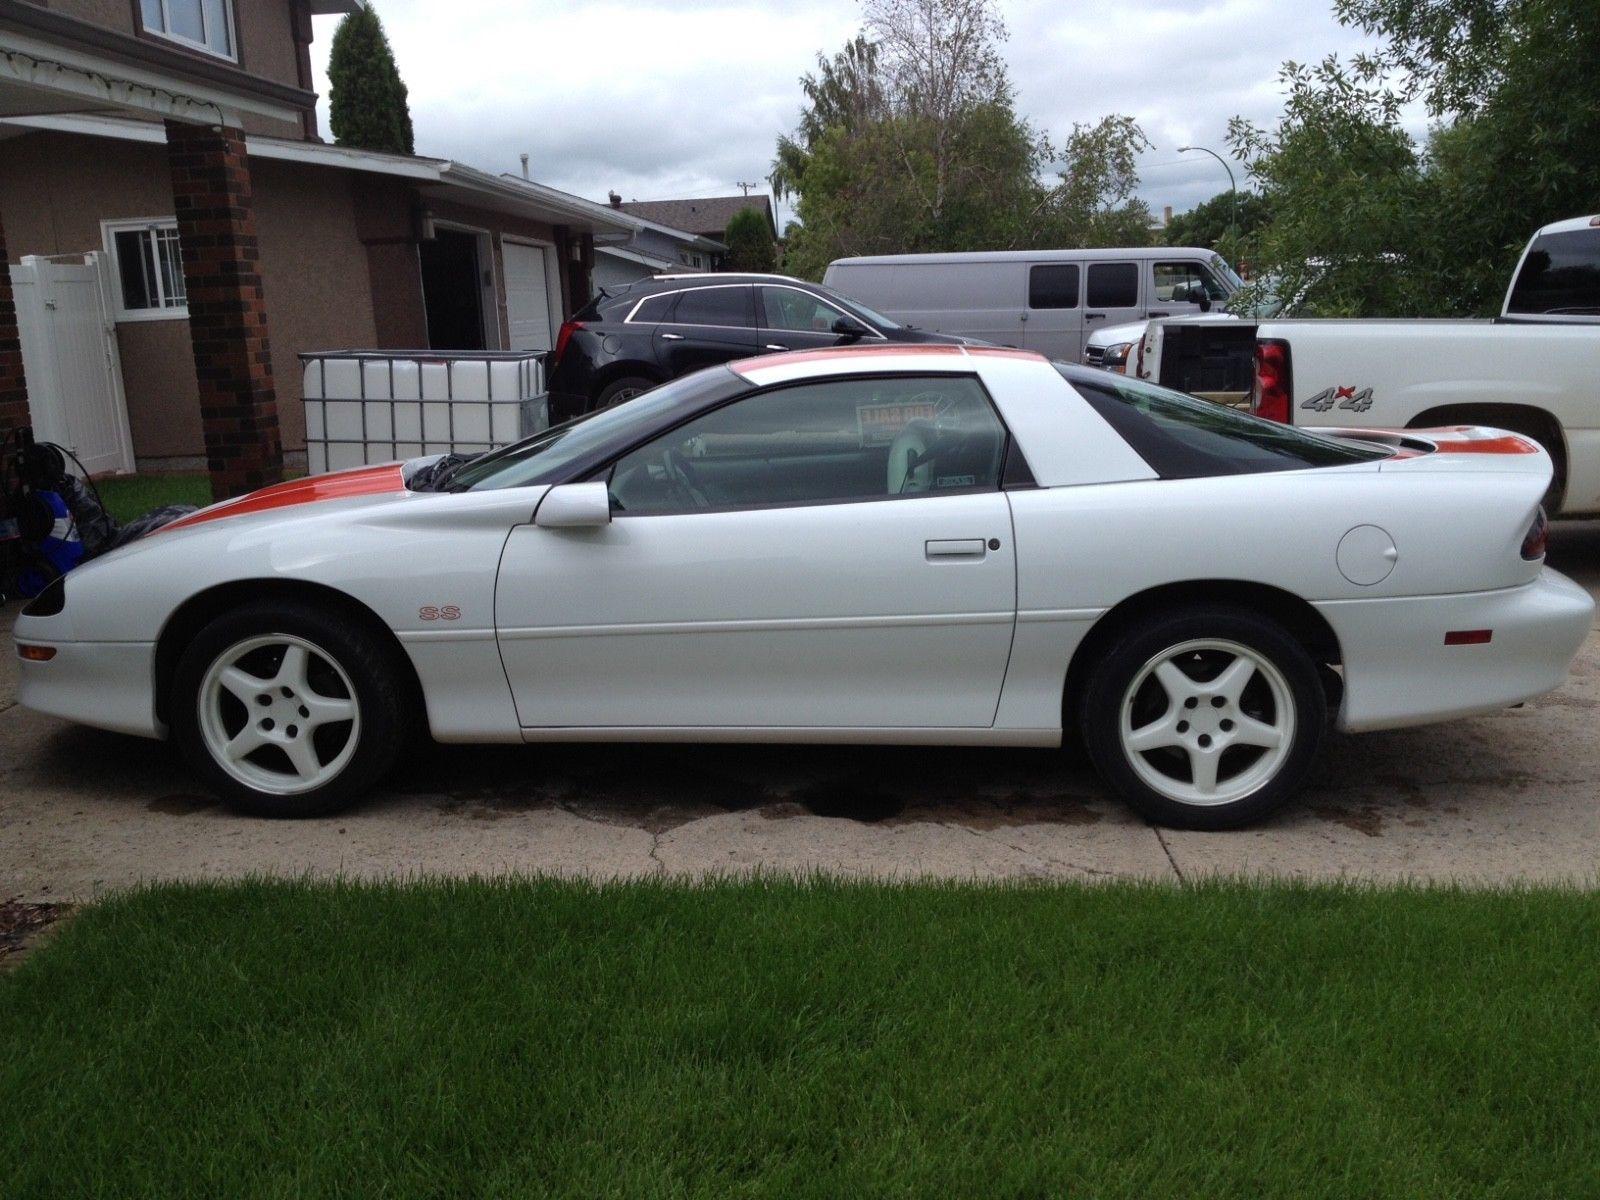 1997 Chevrolet Camaro hardtop profile